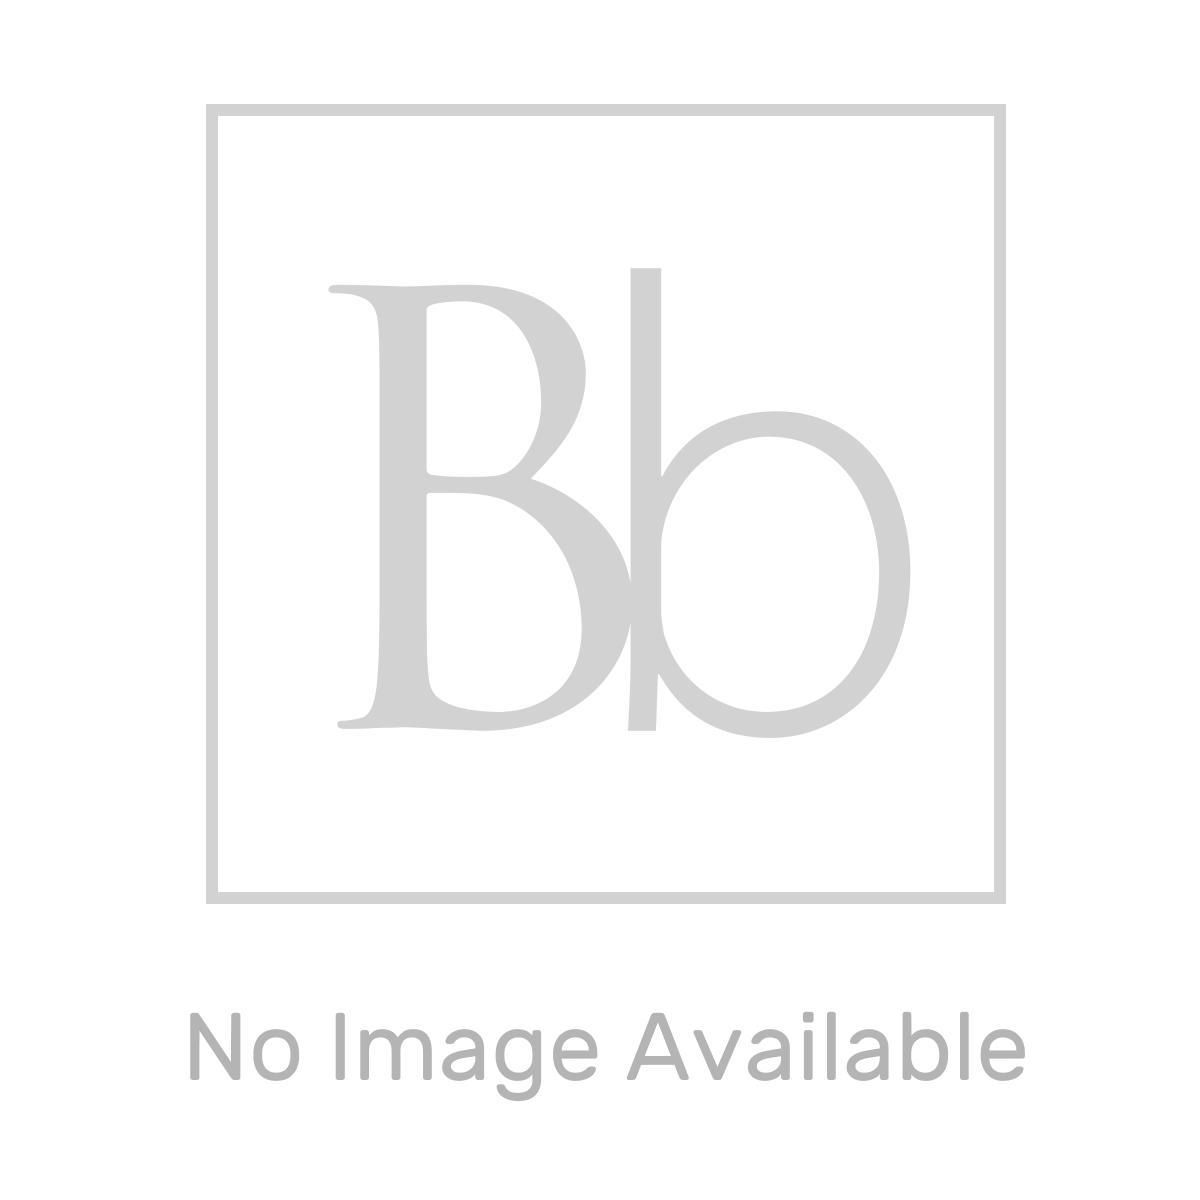 Aquadart Inline Sliding Recess Shower Door